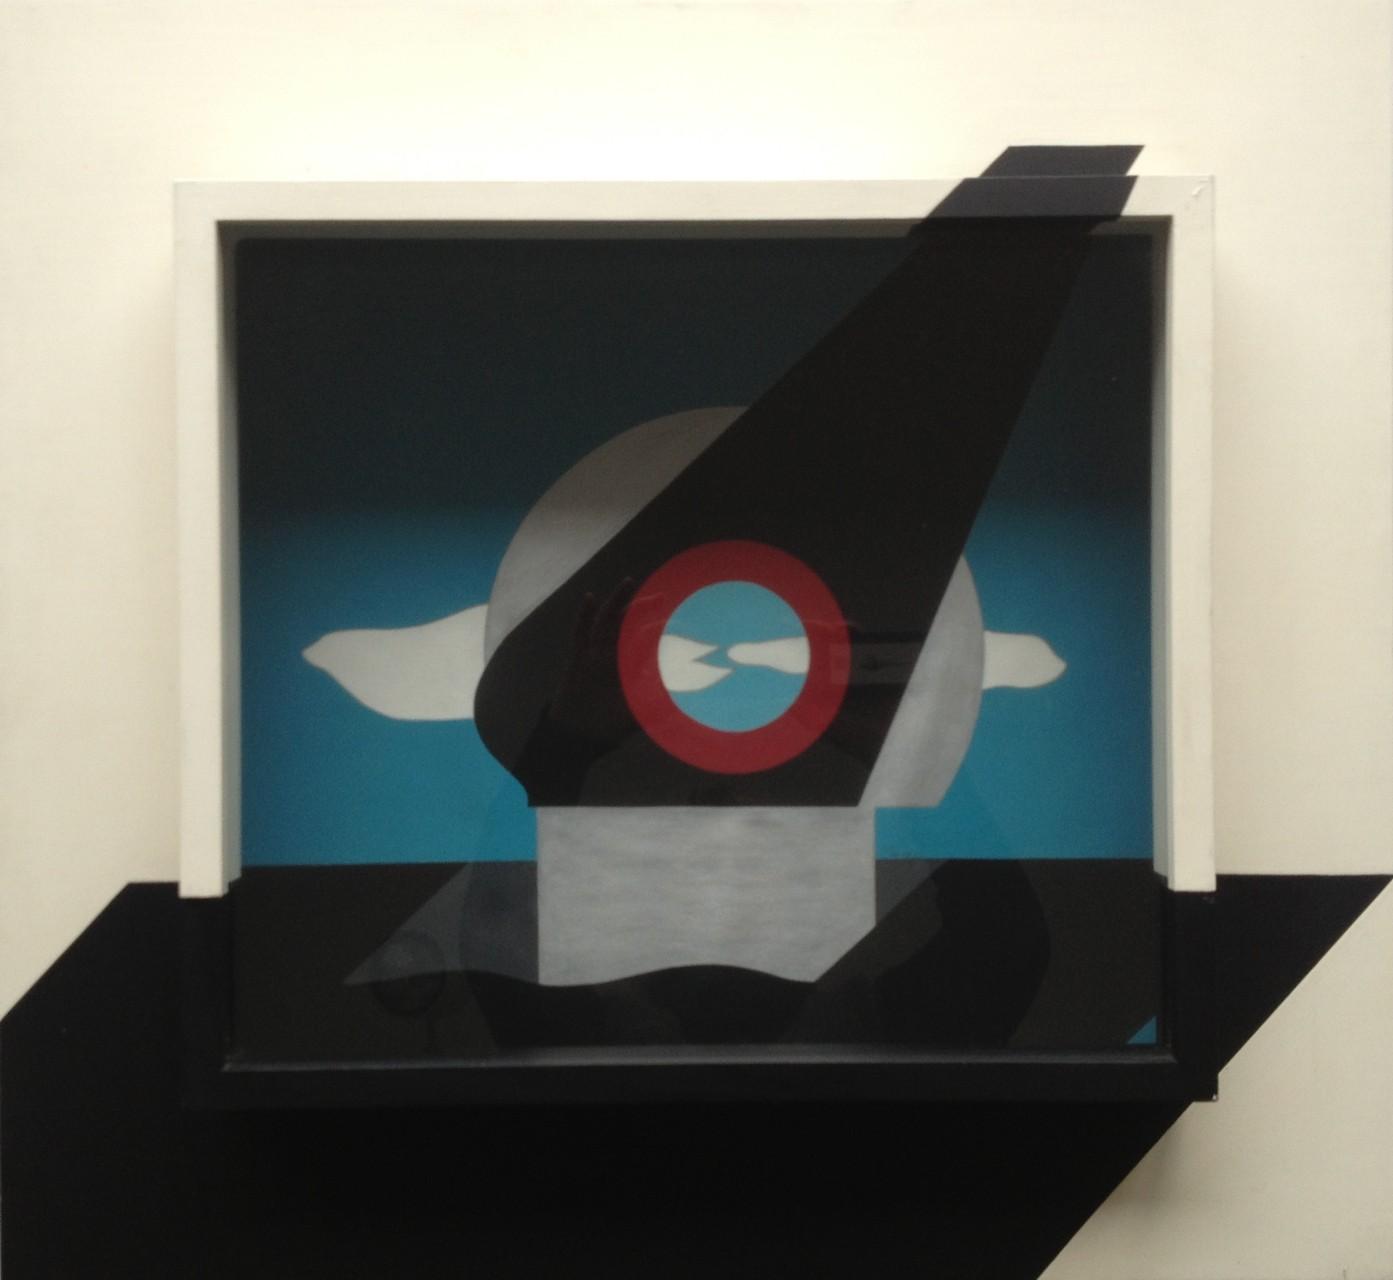 Kosmische Annäherung, Raumschnitt, Gouache, Holzkasten verglast 65 x 60 x 13 cm, 1973 (#608)